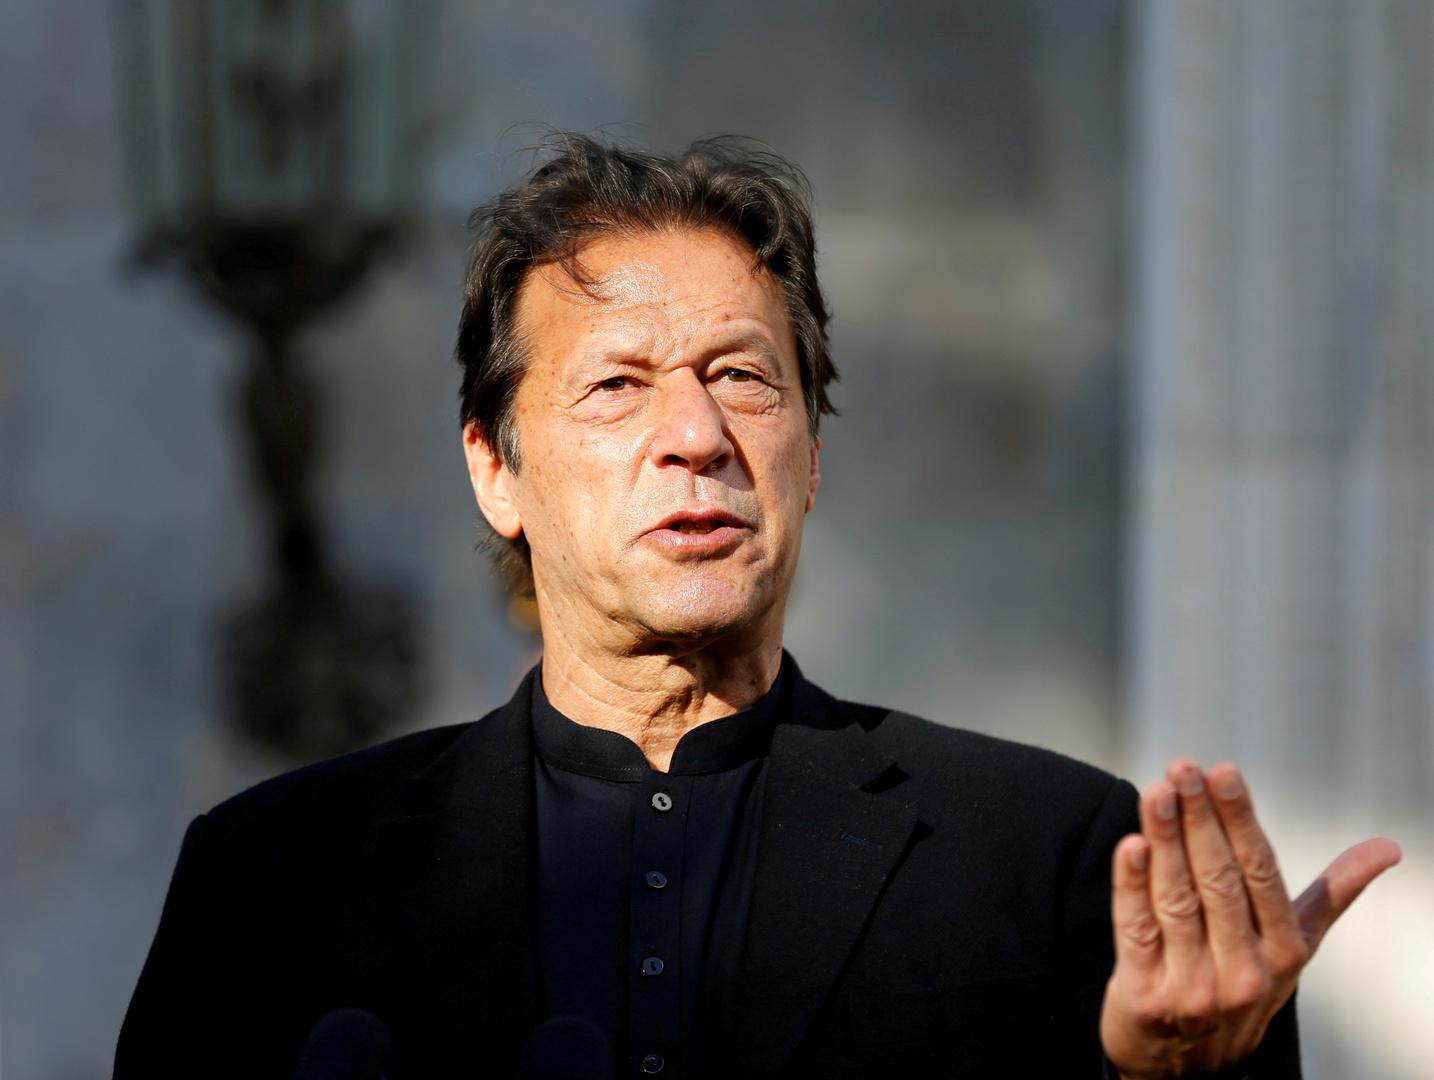 باكستان: مستعدون لاستئناف المحادثات مع الهند إن تقدمت بخارطة طريق للتسوية في كشمير